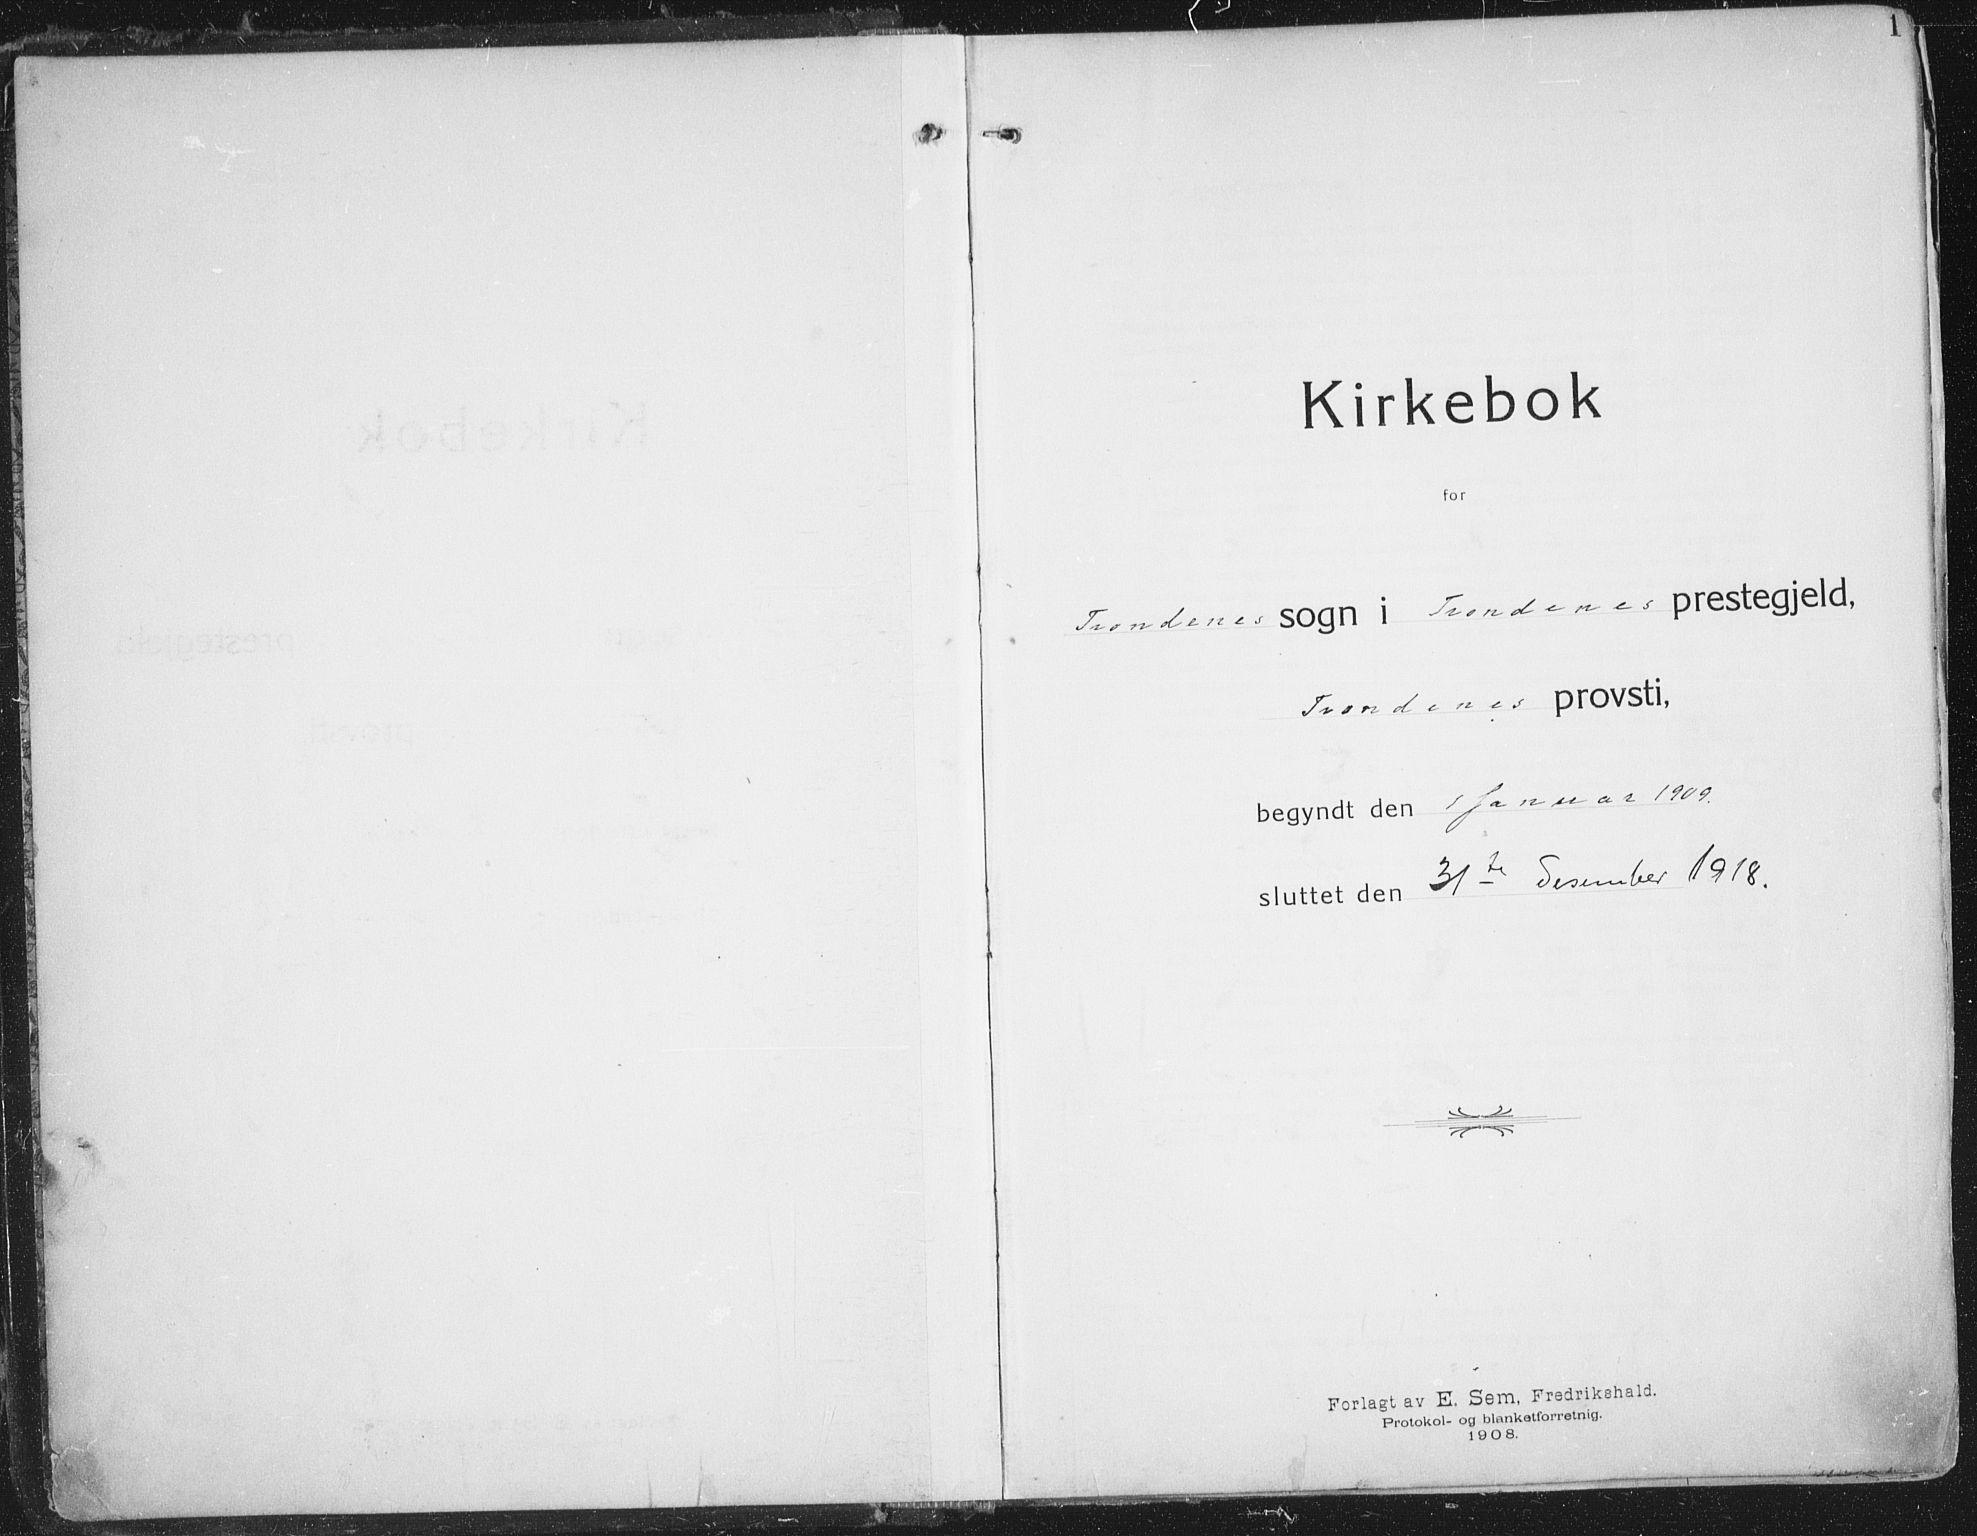 SATØ, Trondenes sokneprestkontor, H/Ha/L0018kirke: Ministerialbok nr. 18, 1909-1918, s. 1